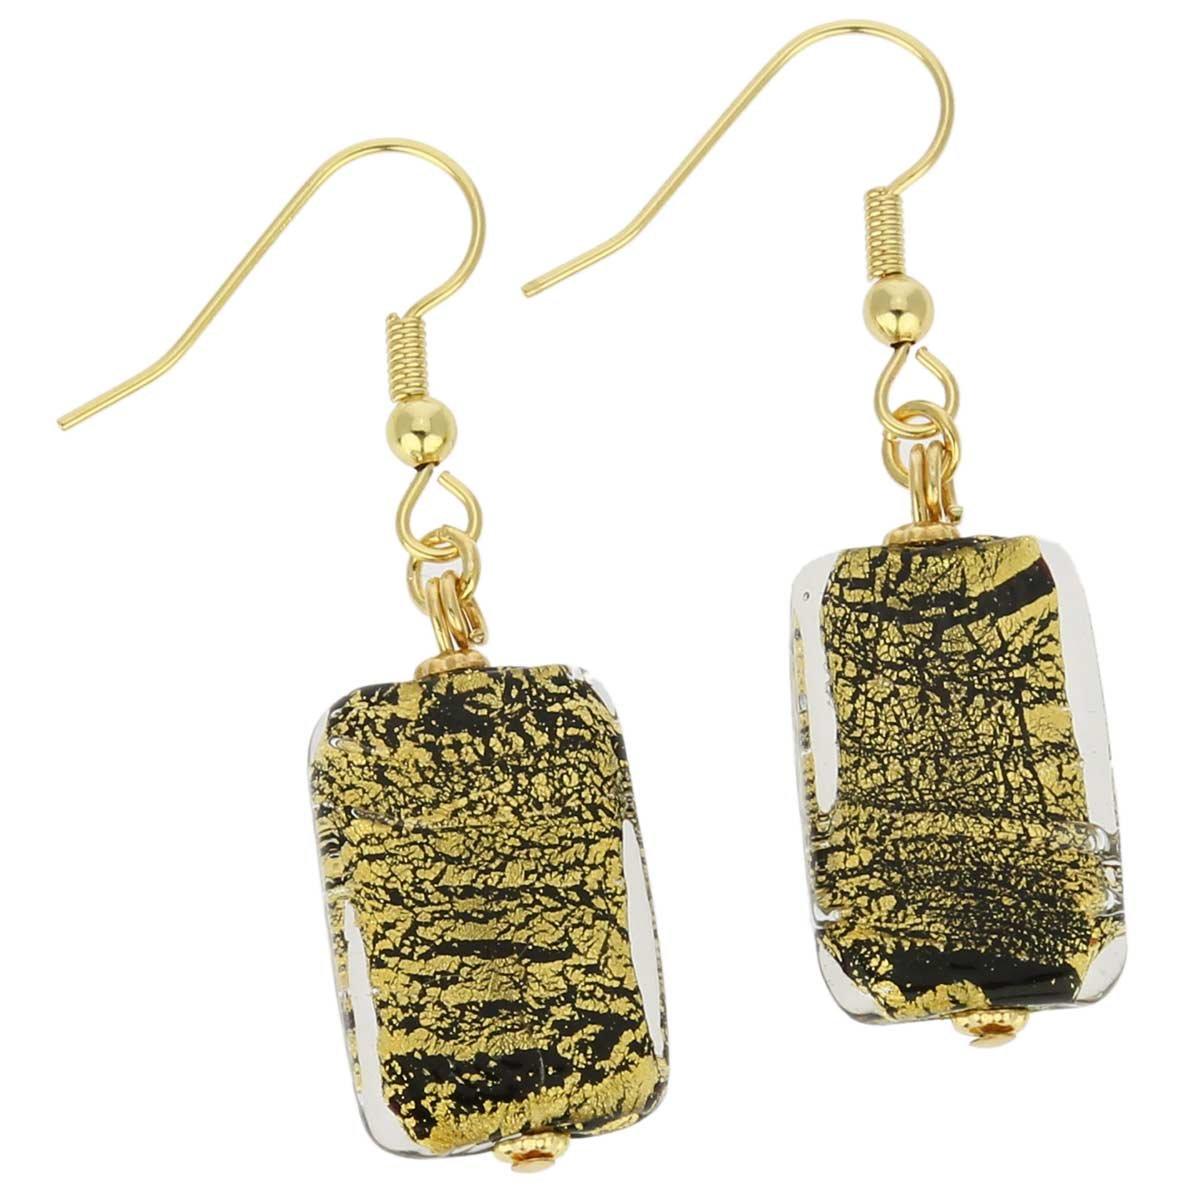 GlassOfVenice Murano Glass Vivaldi Earrings - Black and Gold